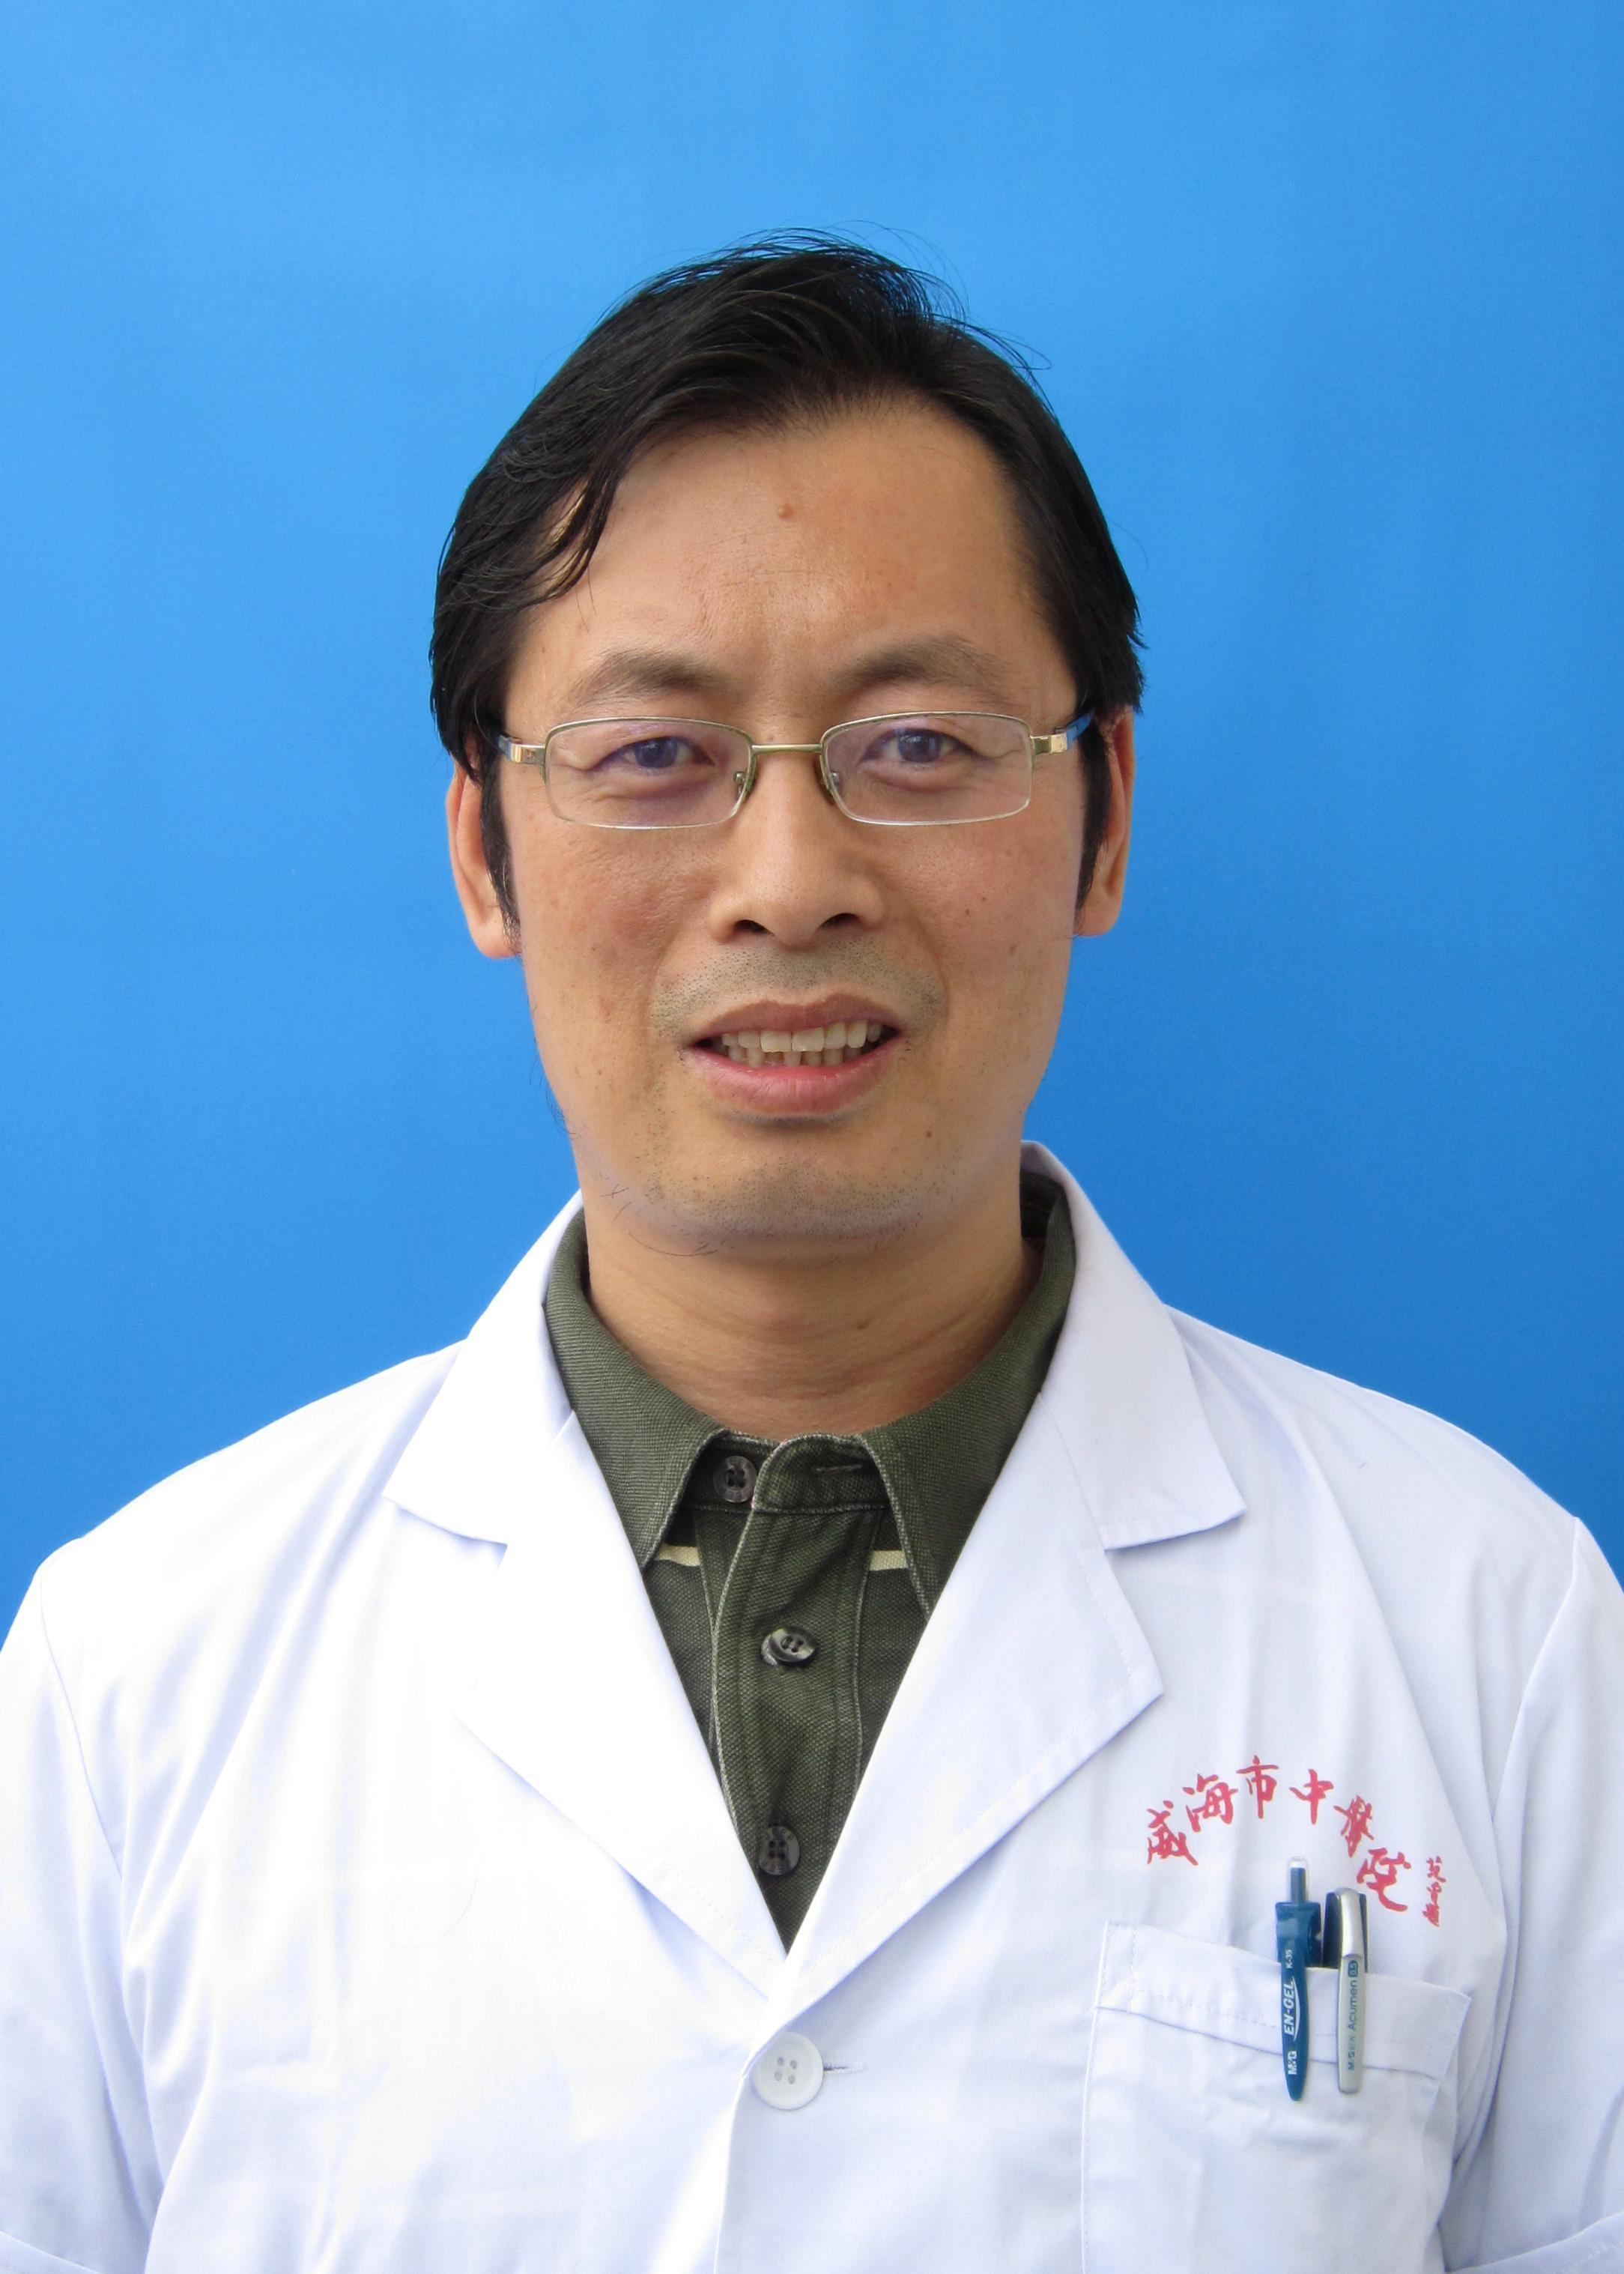 威海市中医院|姜春状 副主任医师